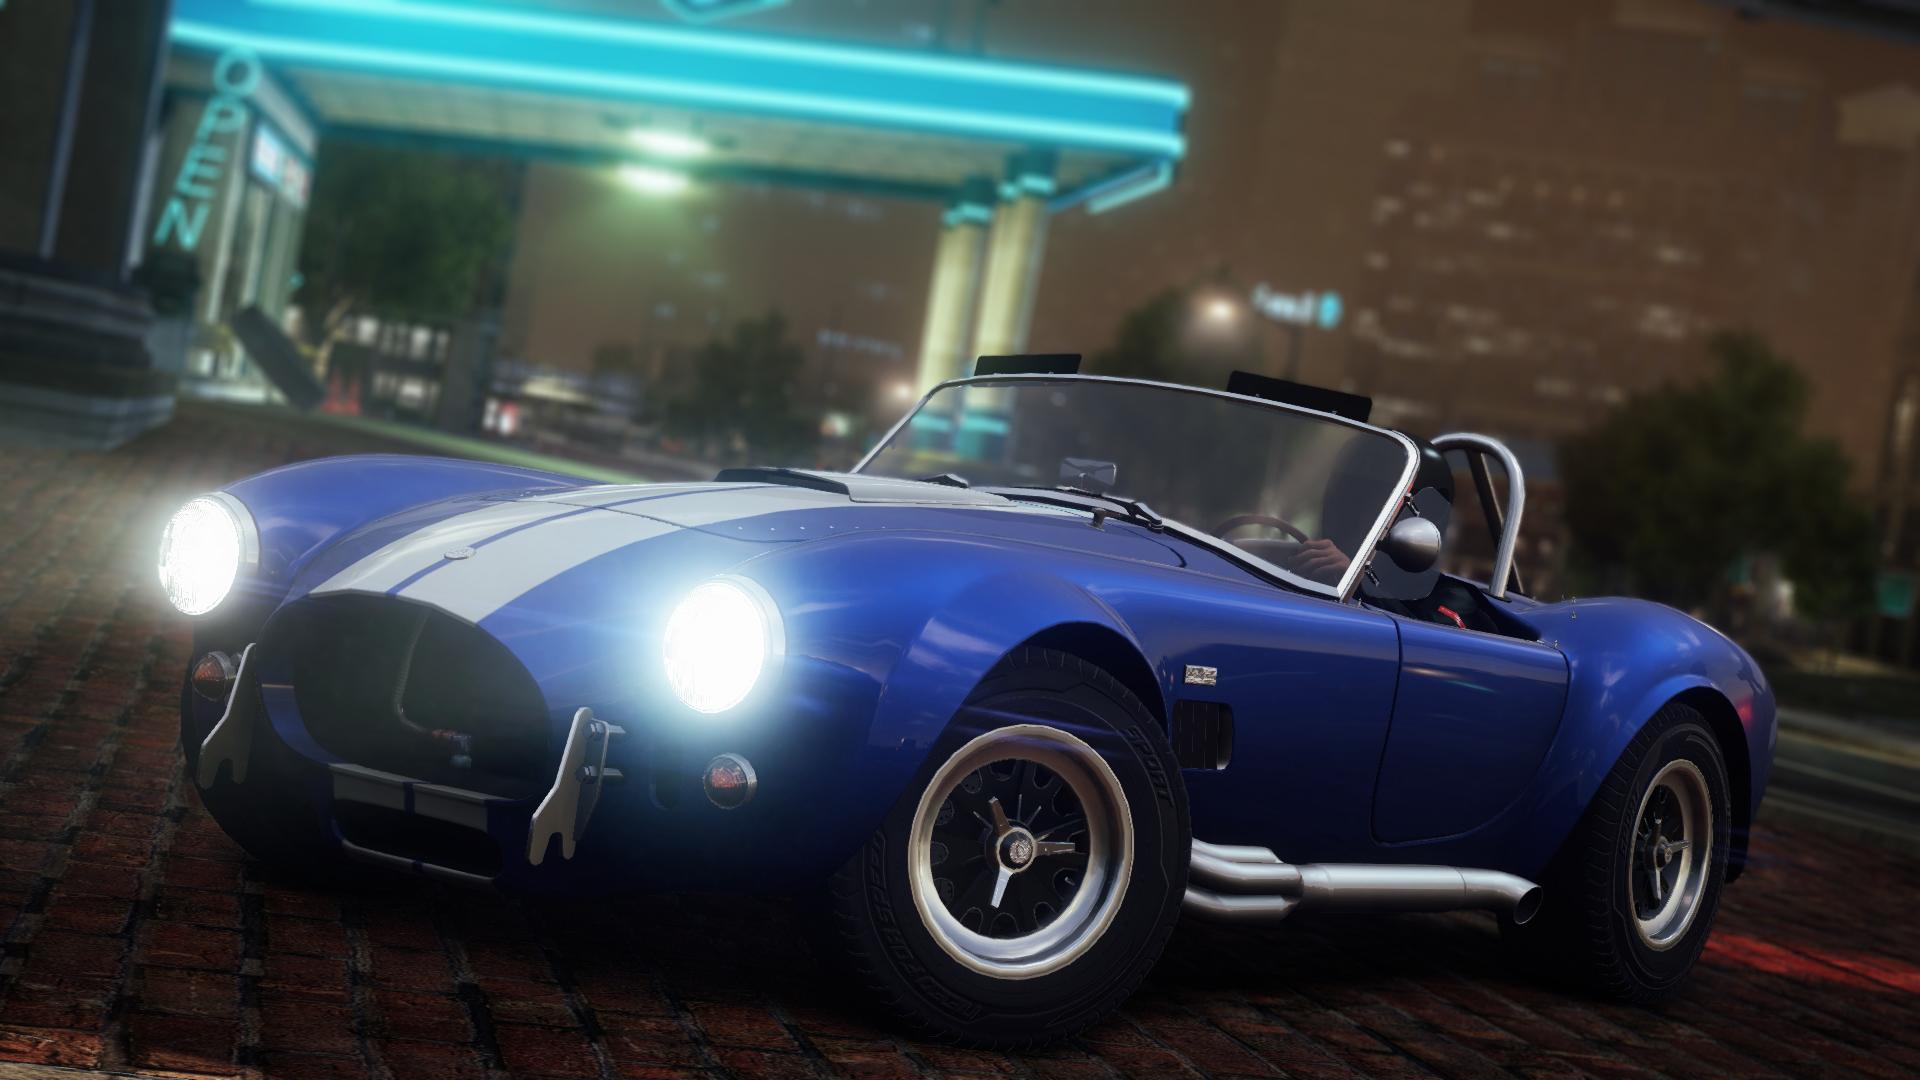 Shelby Cobra 427 | Need for Speed Wiki | FANDOM powered by Wikia